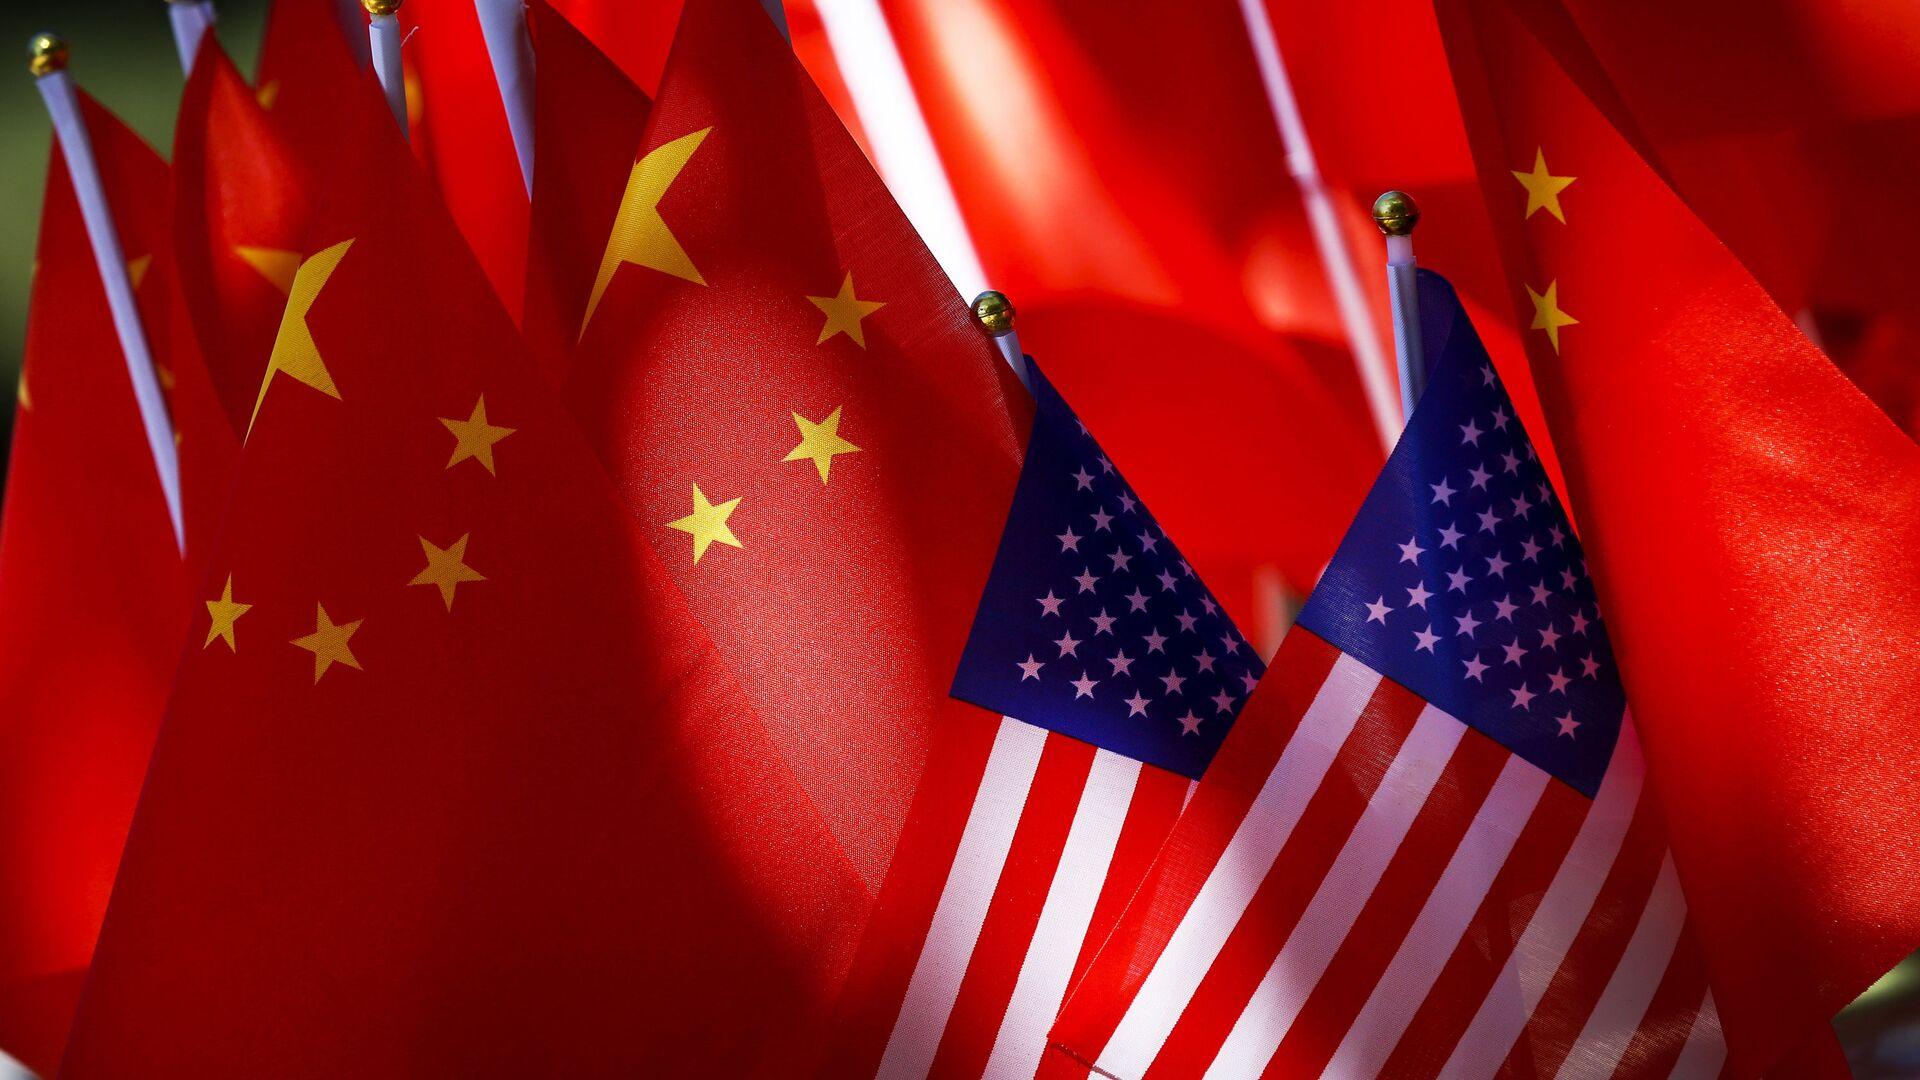 Bandiere Cina USA - Sputnik Italia, 1920, 24.05.2021